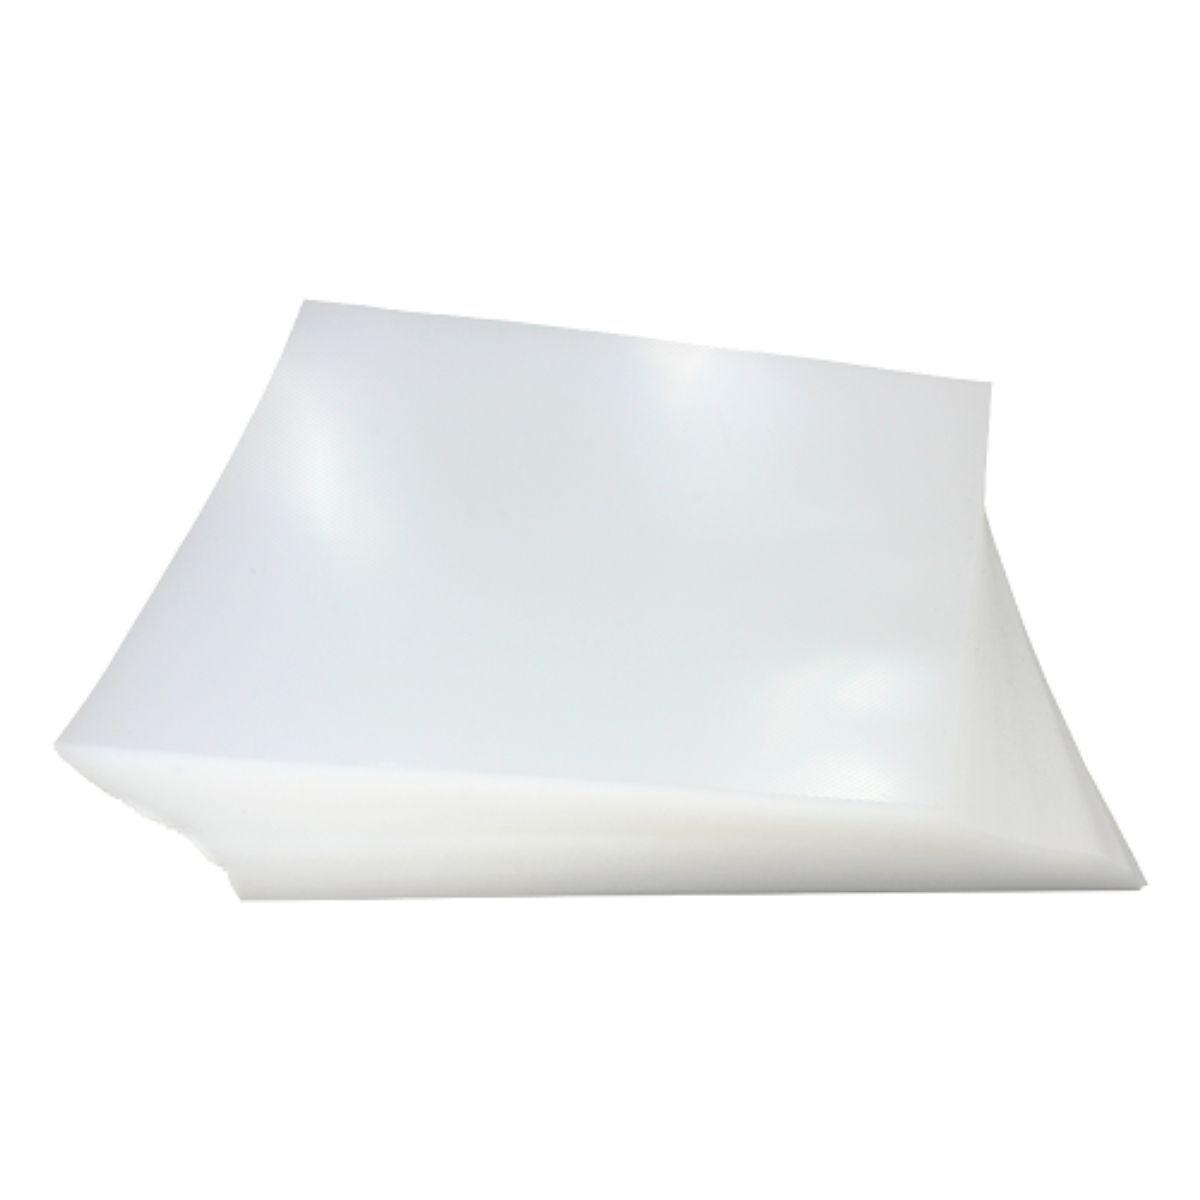 Capa para Encadernação PP 0,30mm A3 Transparente (Cristal) Line (Frente) - Pacote com 100 unidades  - Click Suprimentos